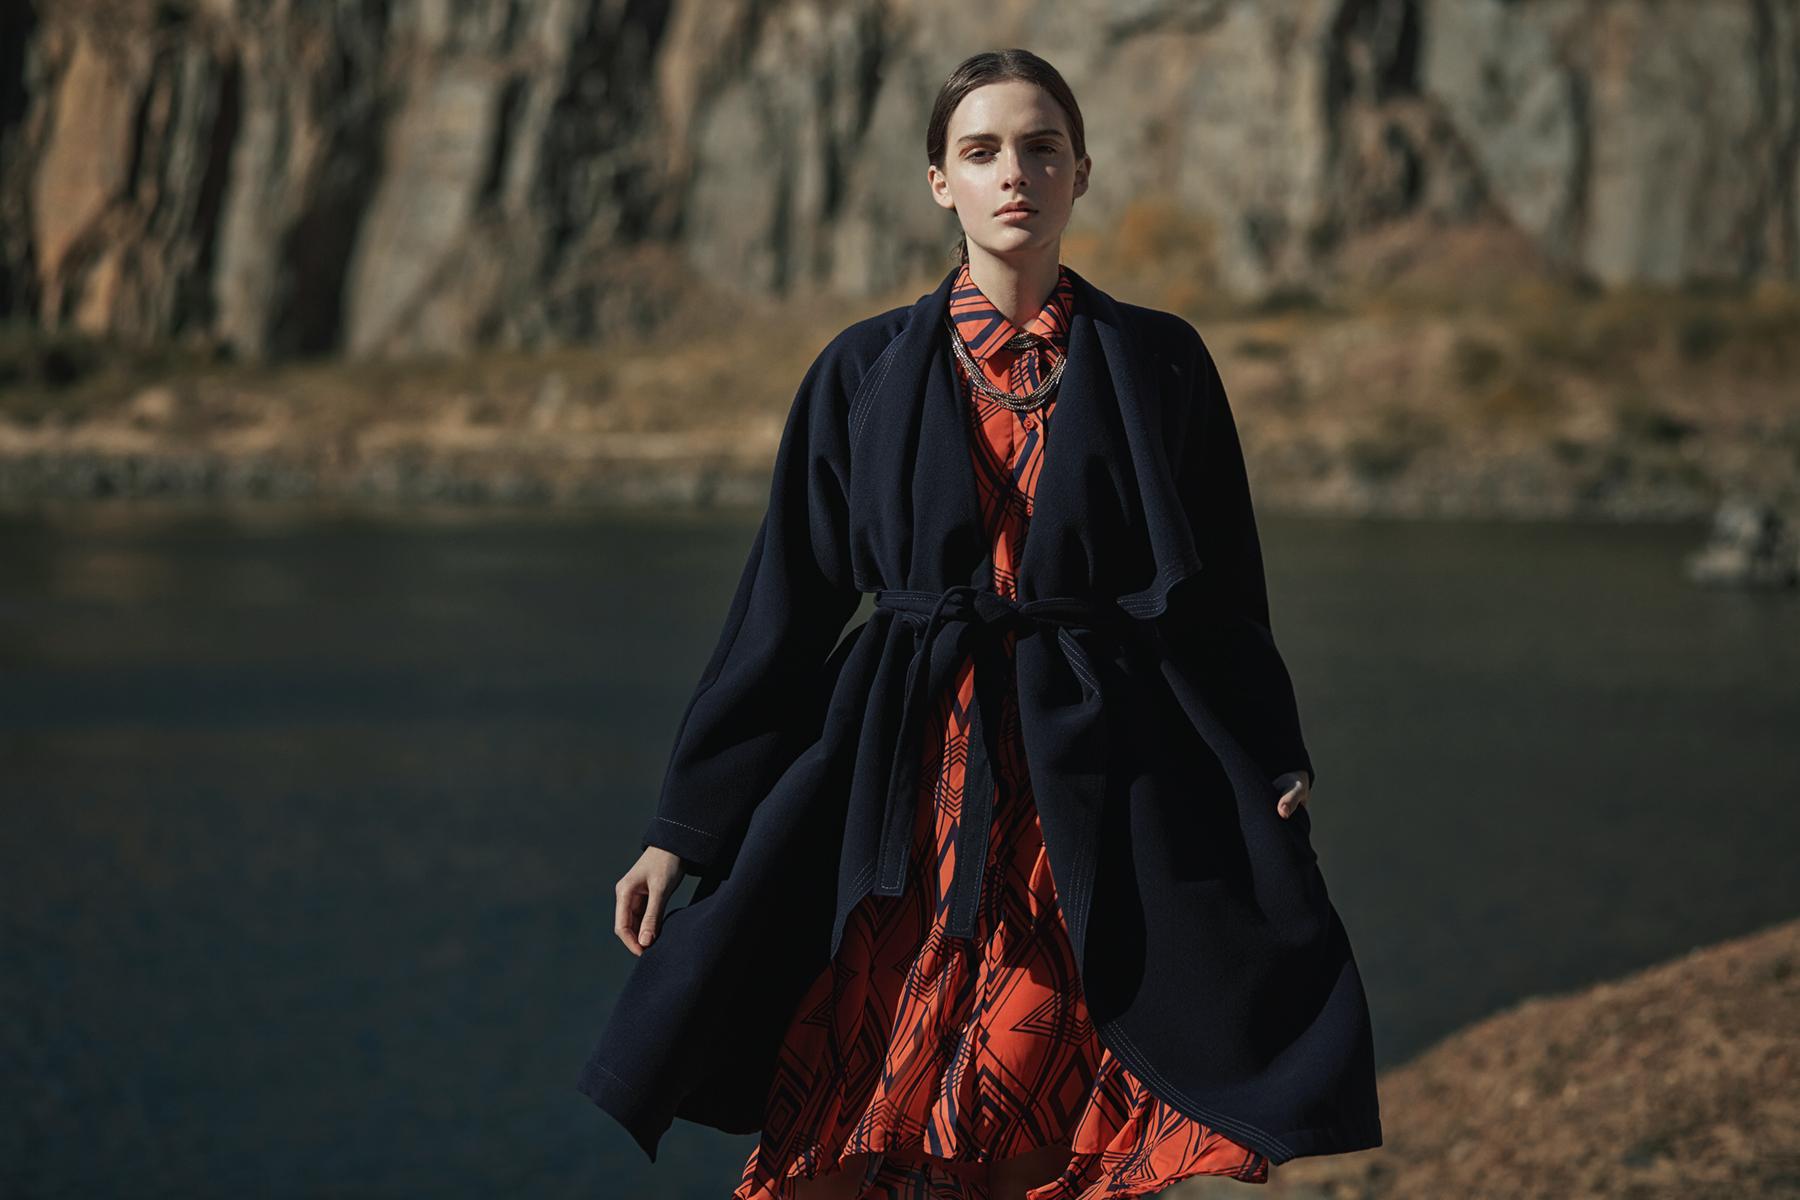 Orange-and-navy print shirt dress, Leigh Schubert; navy coat, C  olleen Eitzen; bead necklace, The Space